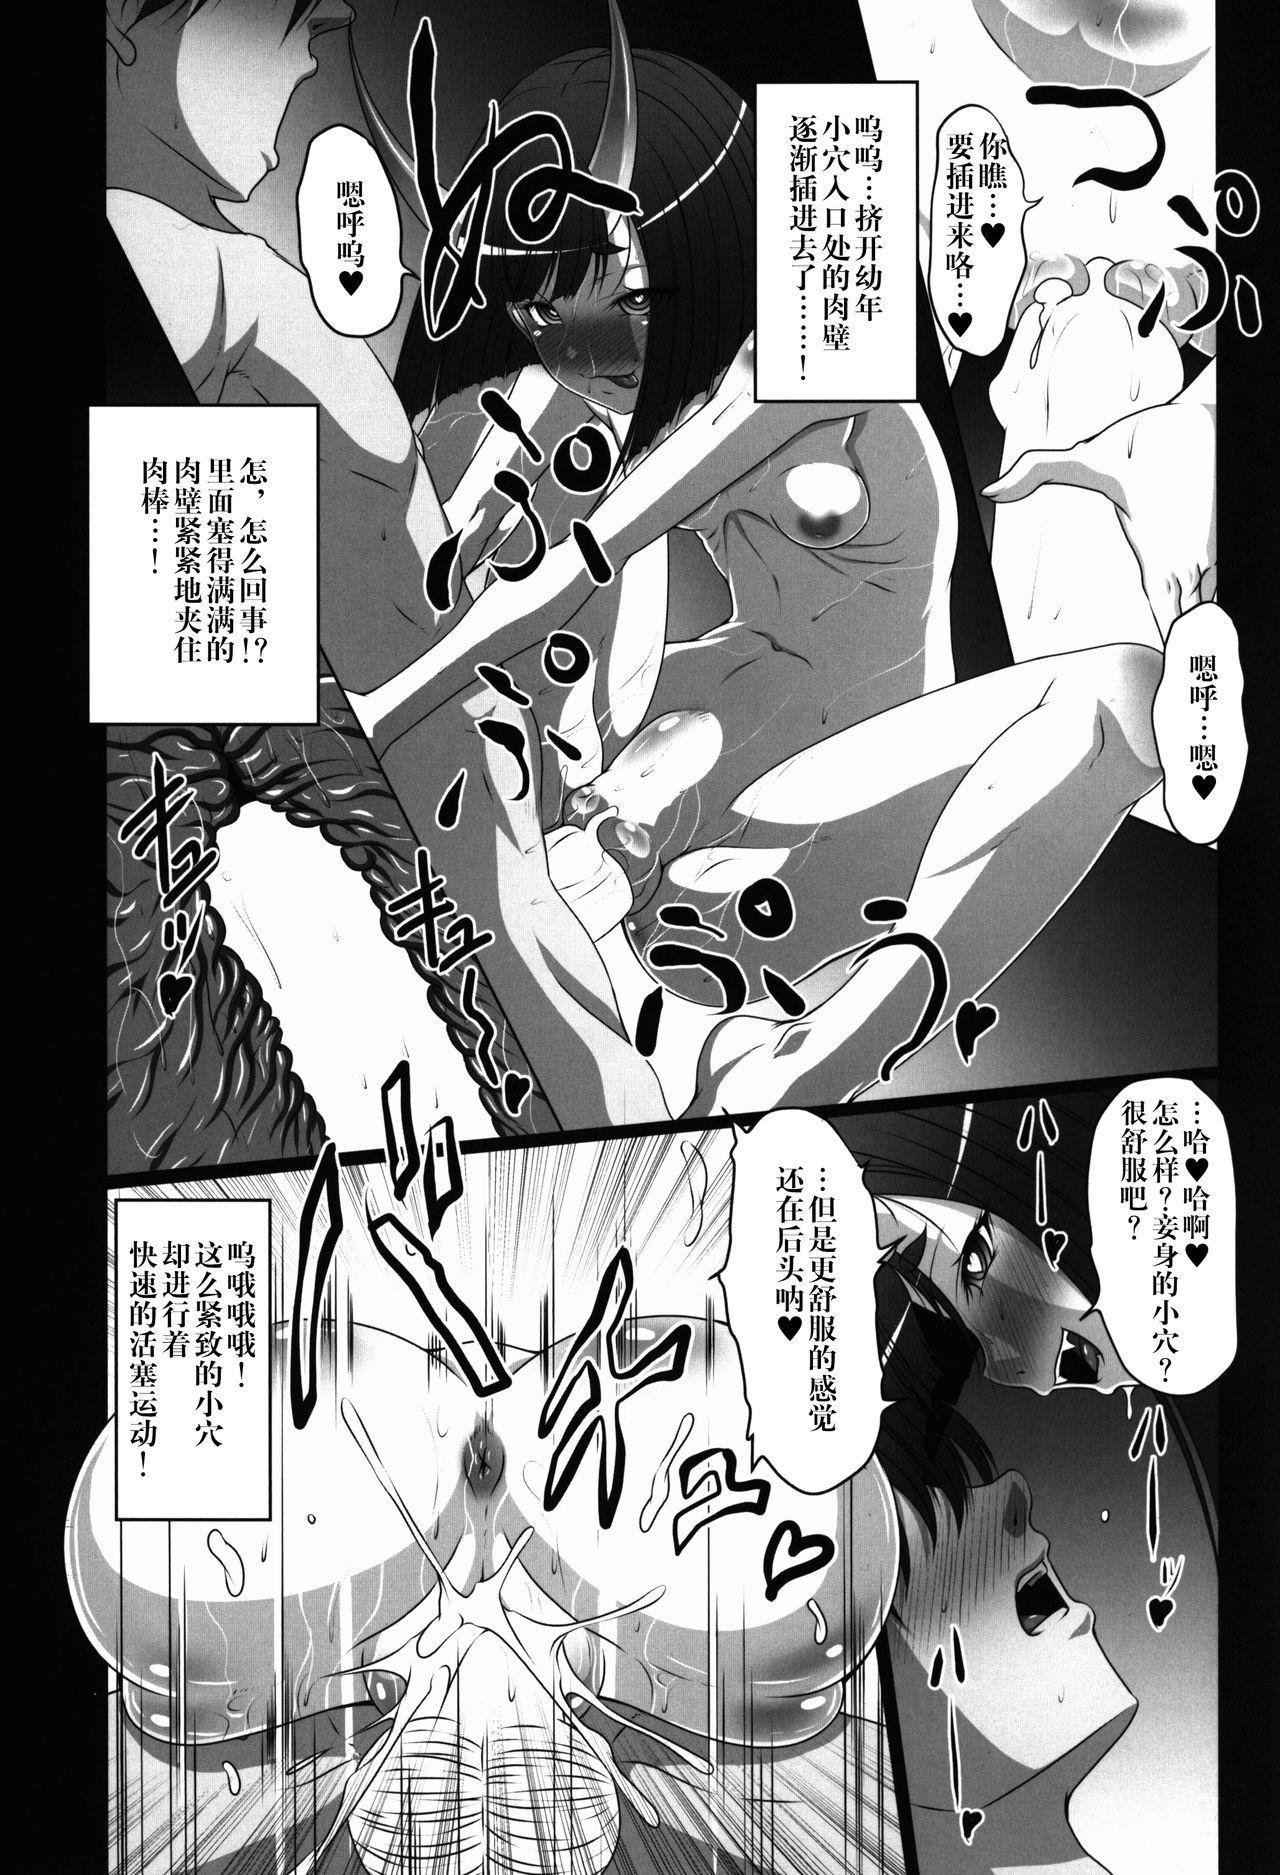 HOBBY'S BLOCK!! 26 Shuten DeliHeal Hon Shuten Yuujo Shunga Emaki 20